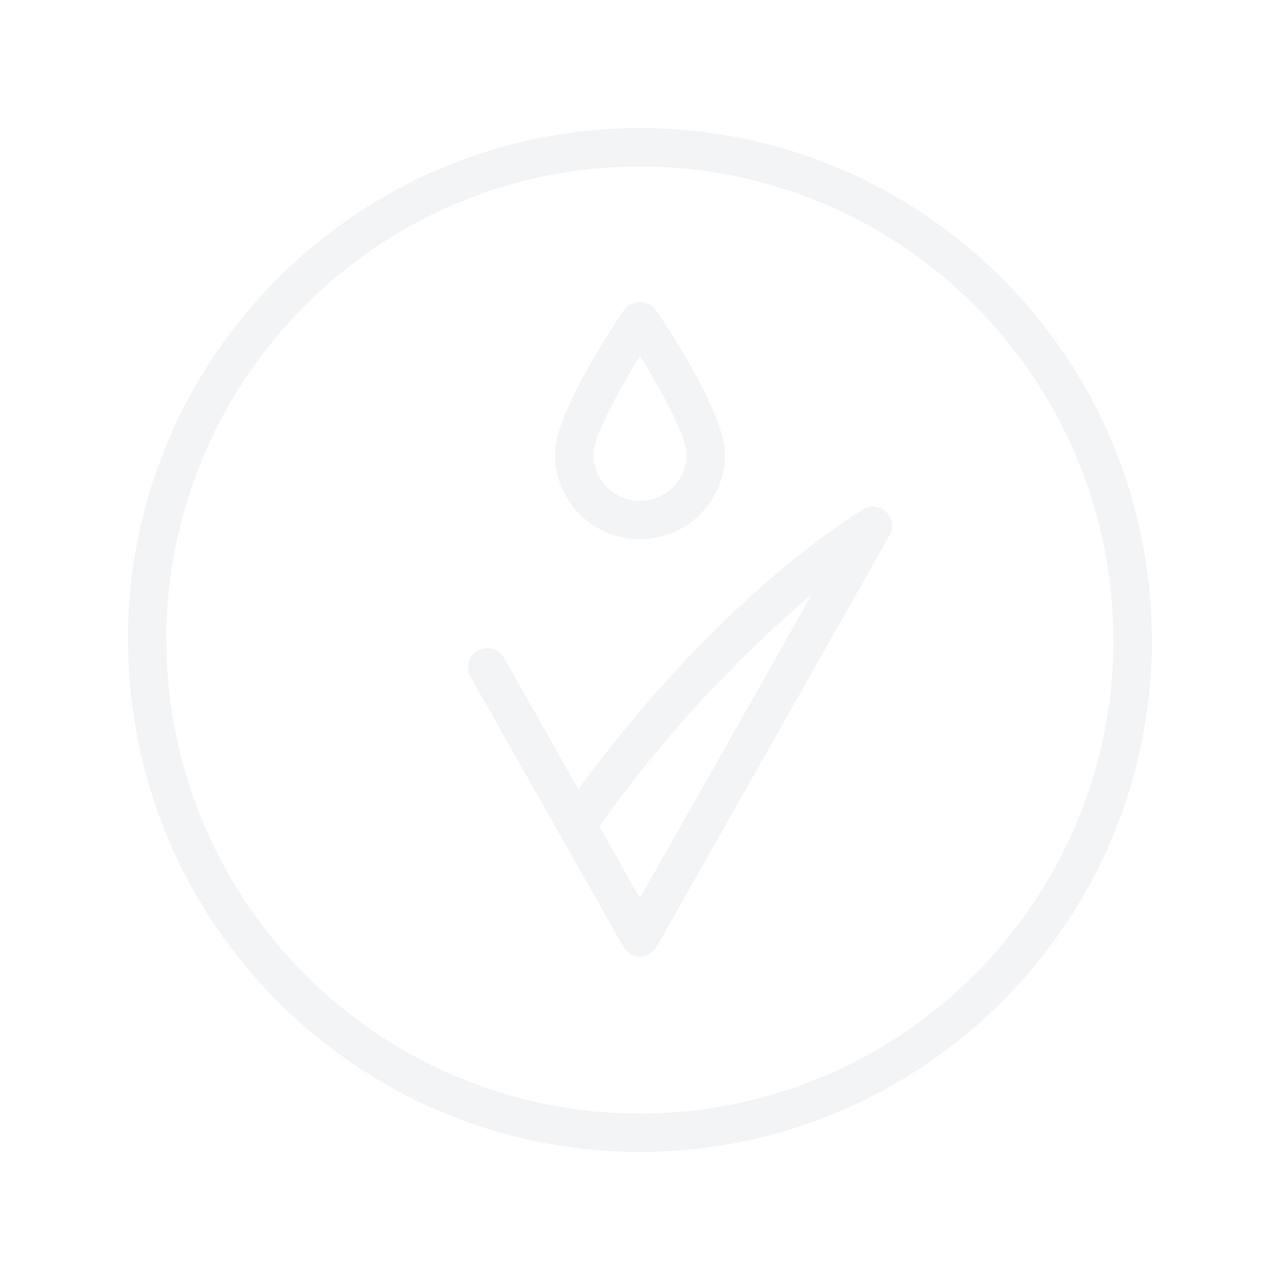 MISSHA Skin Peeling Pad 7ml